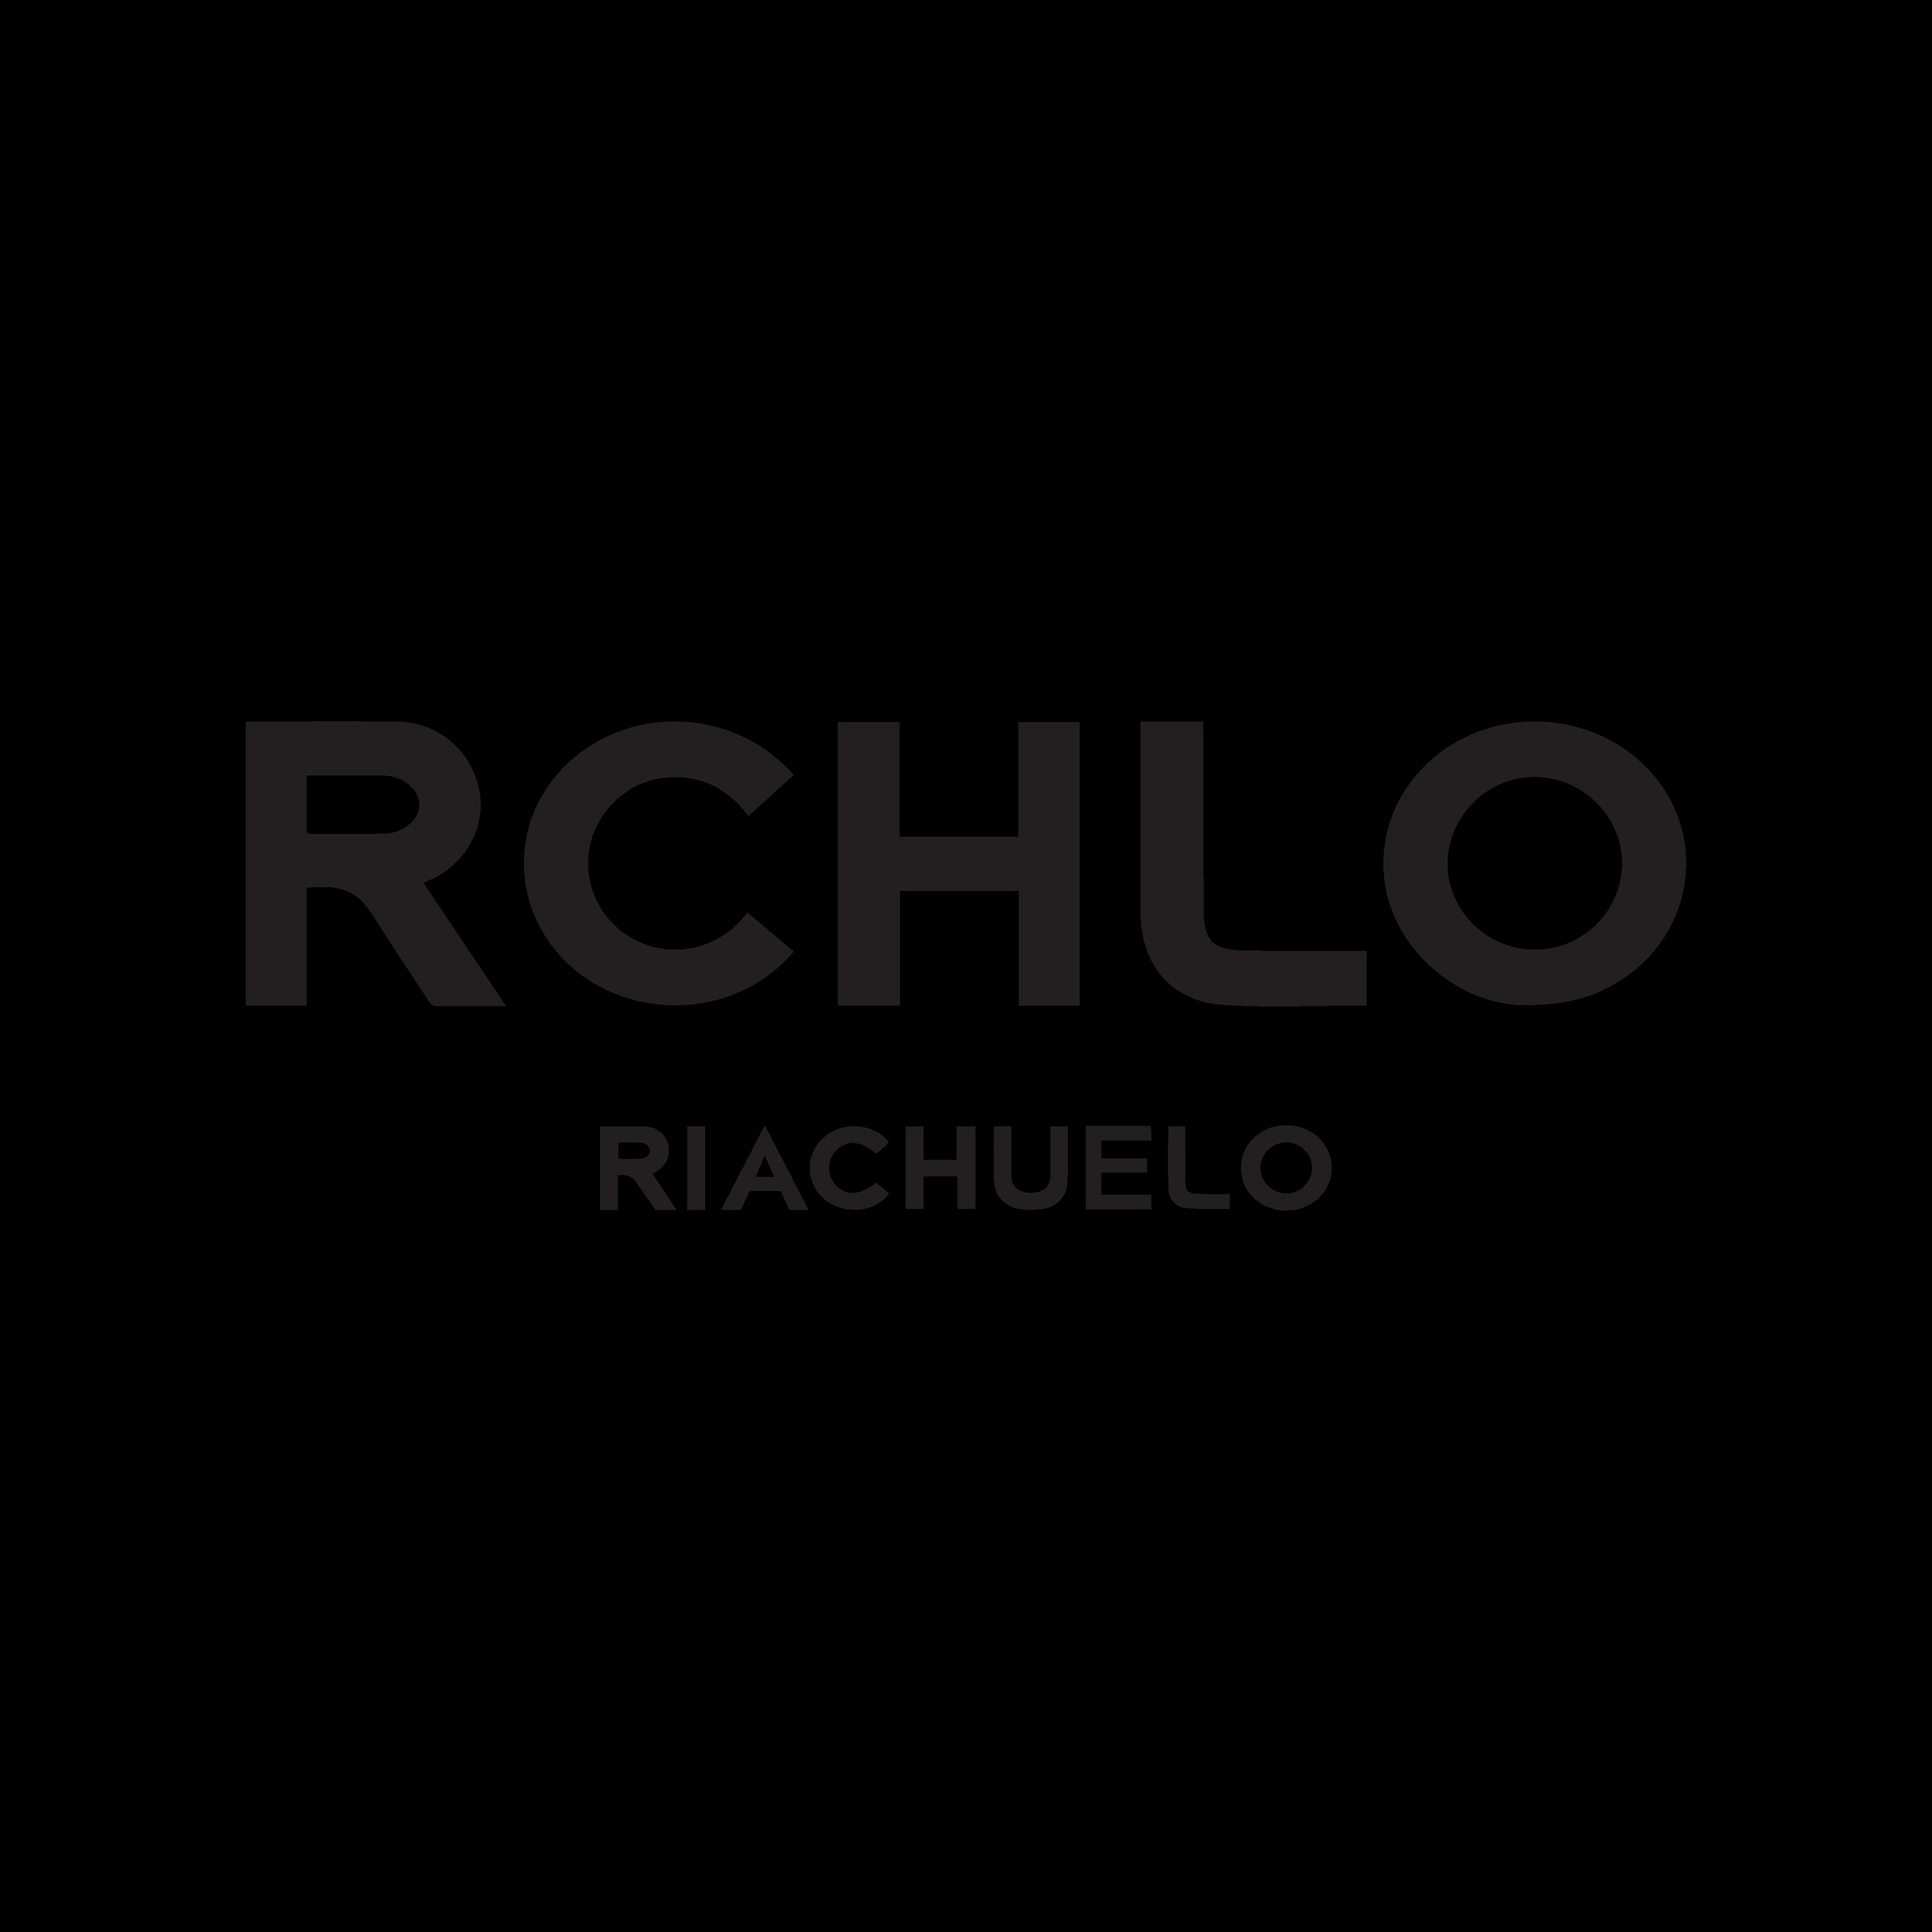 riachuelo logo 0 - Riachuelo Logo